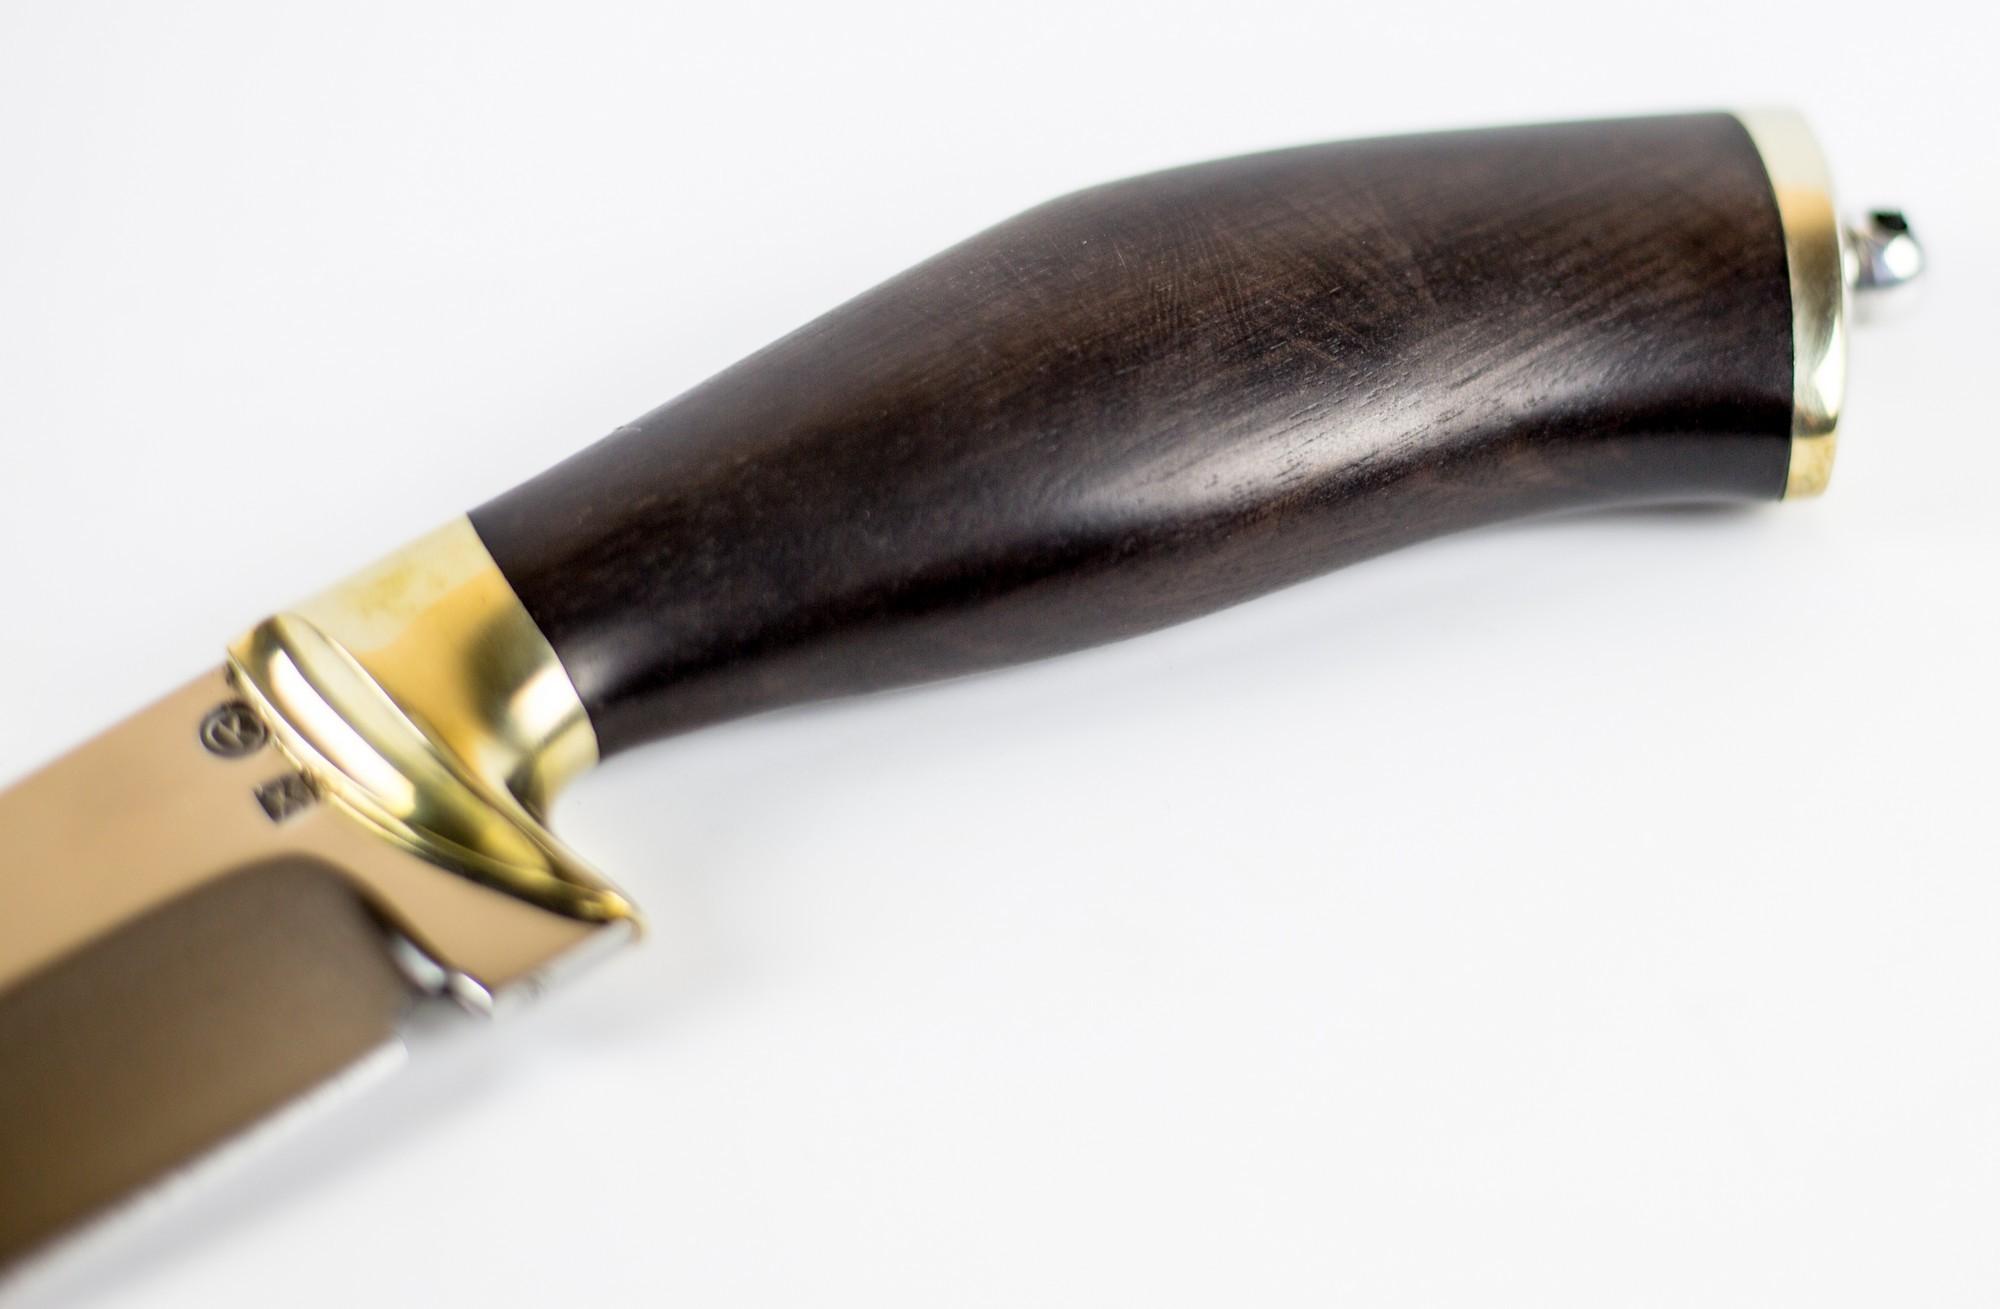 Фото 6 - Нож Зенит, сталь Х12МФ от Ножи Крутова